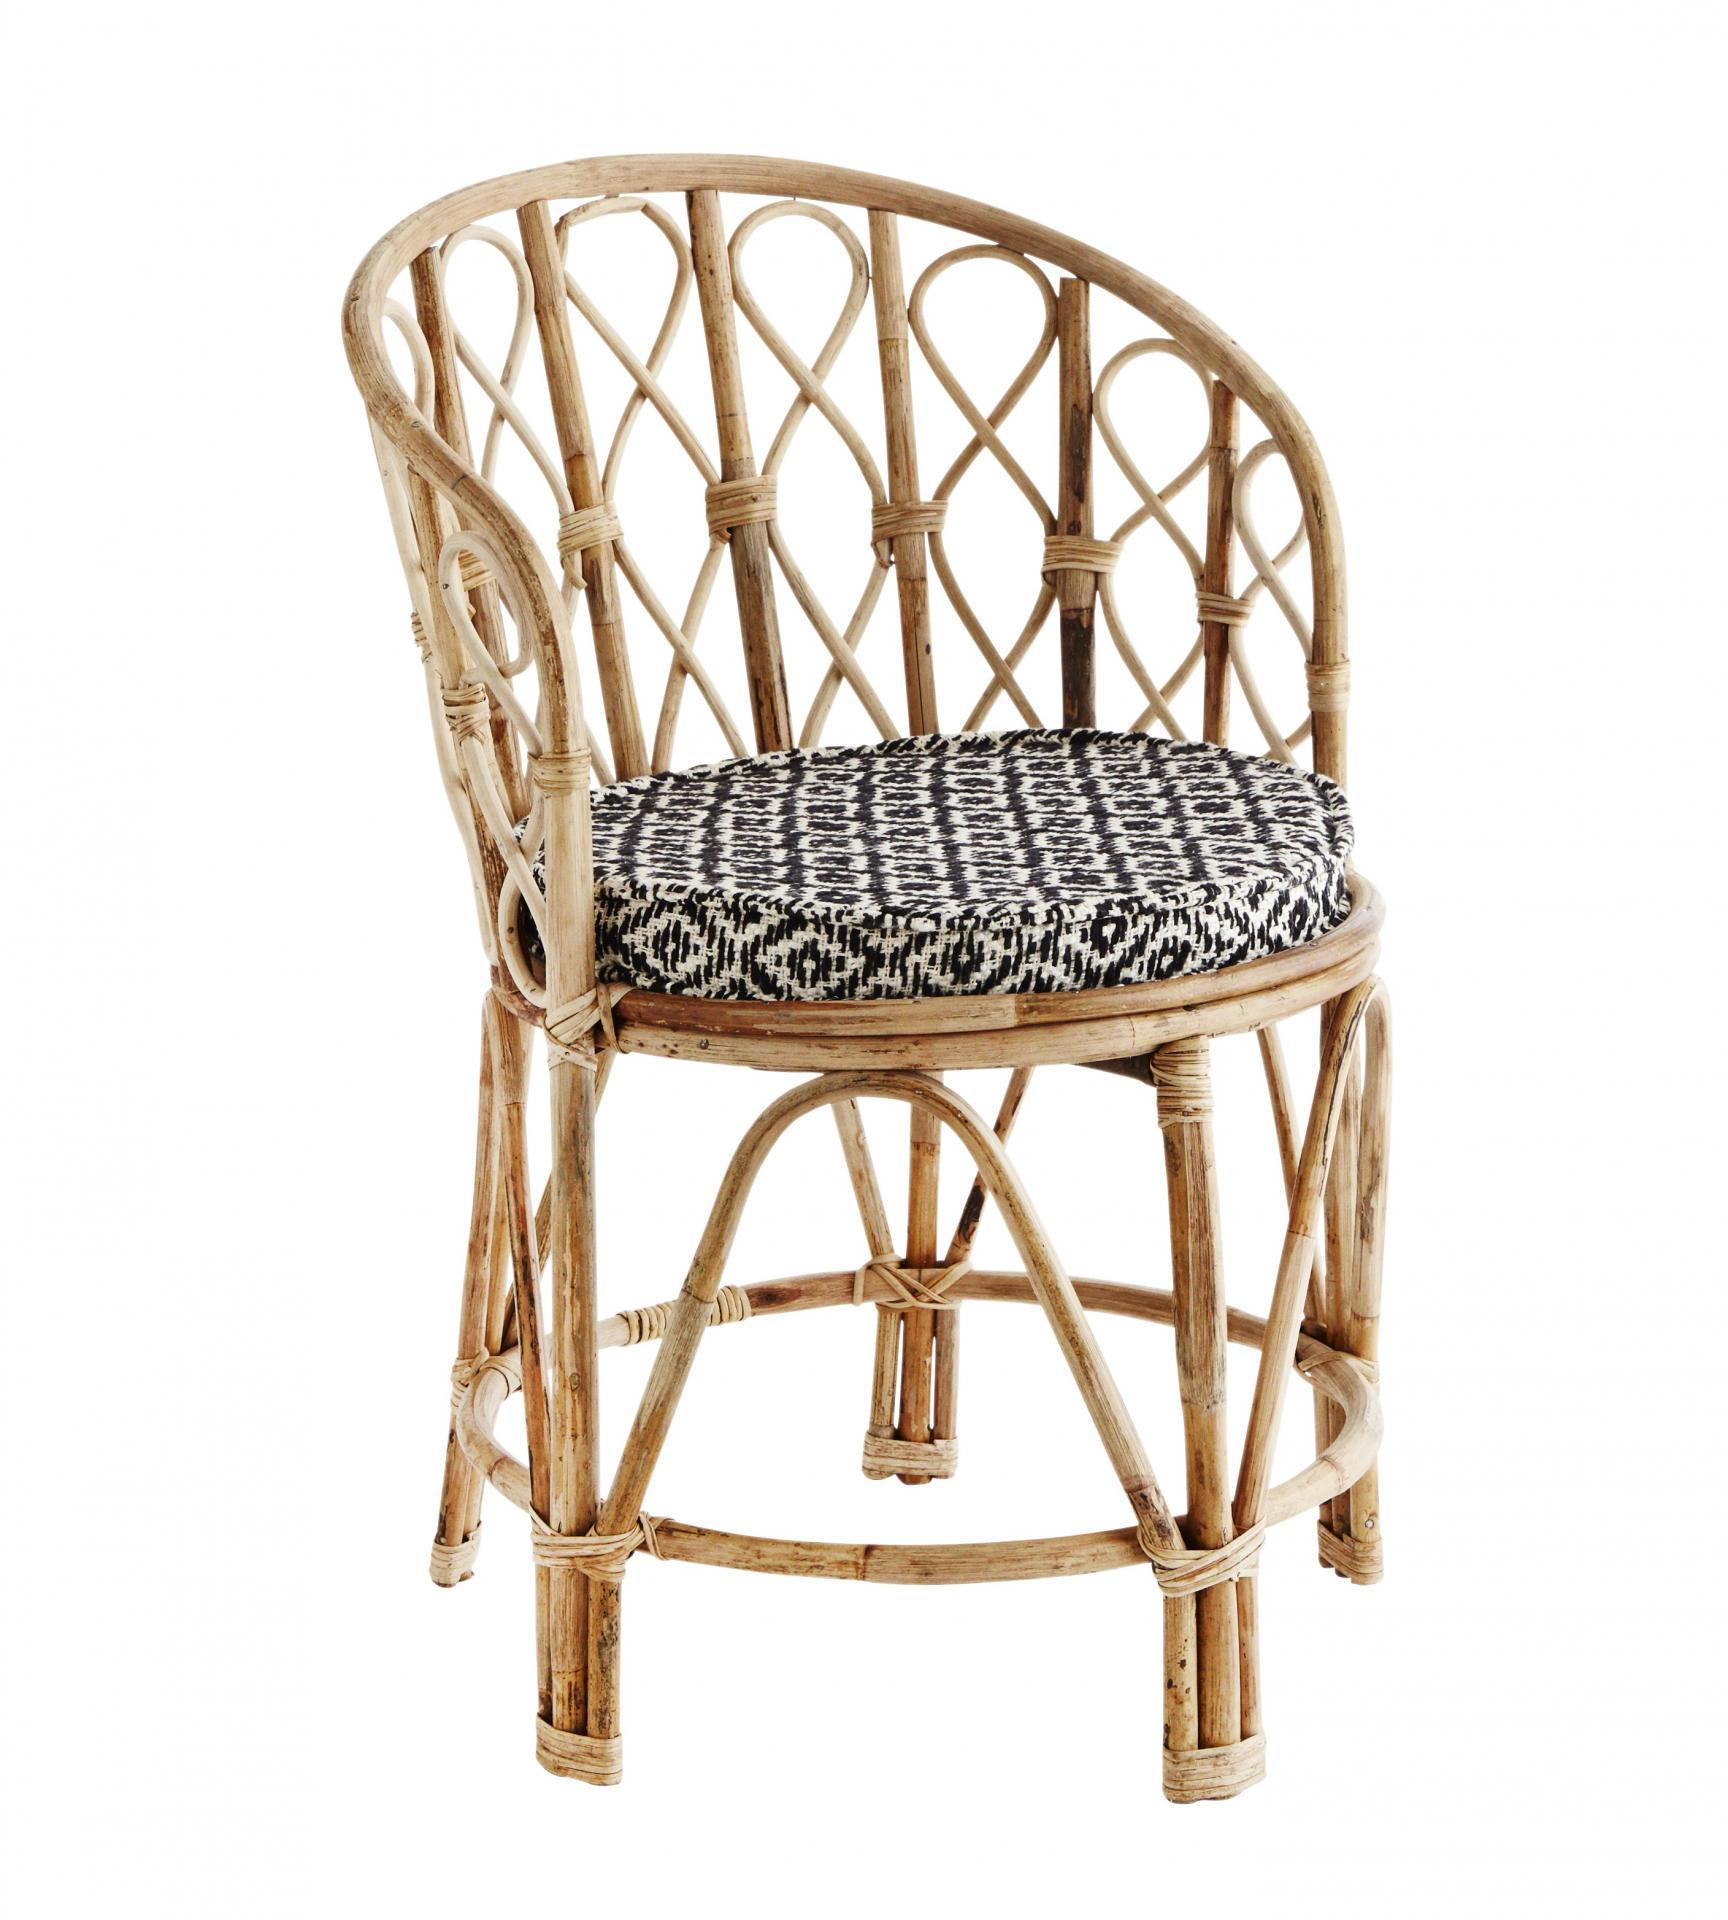 MADAM STOLTZ Židle s podsedákem Bamboo, hnědá barva, dřevo